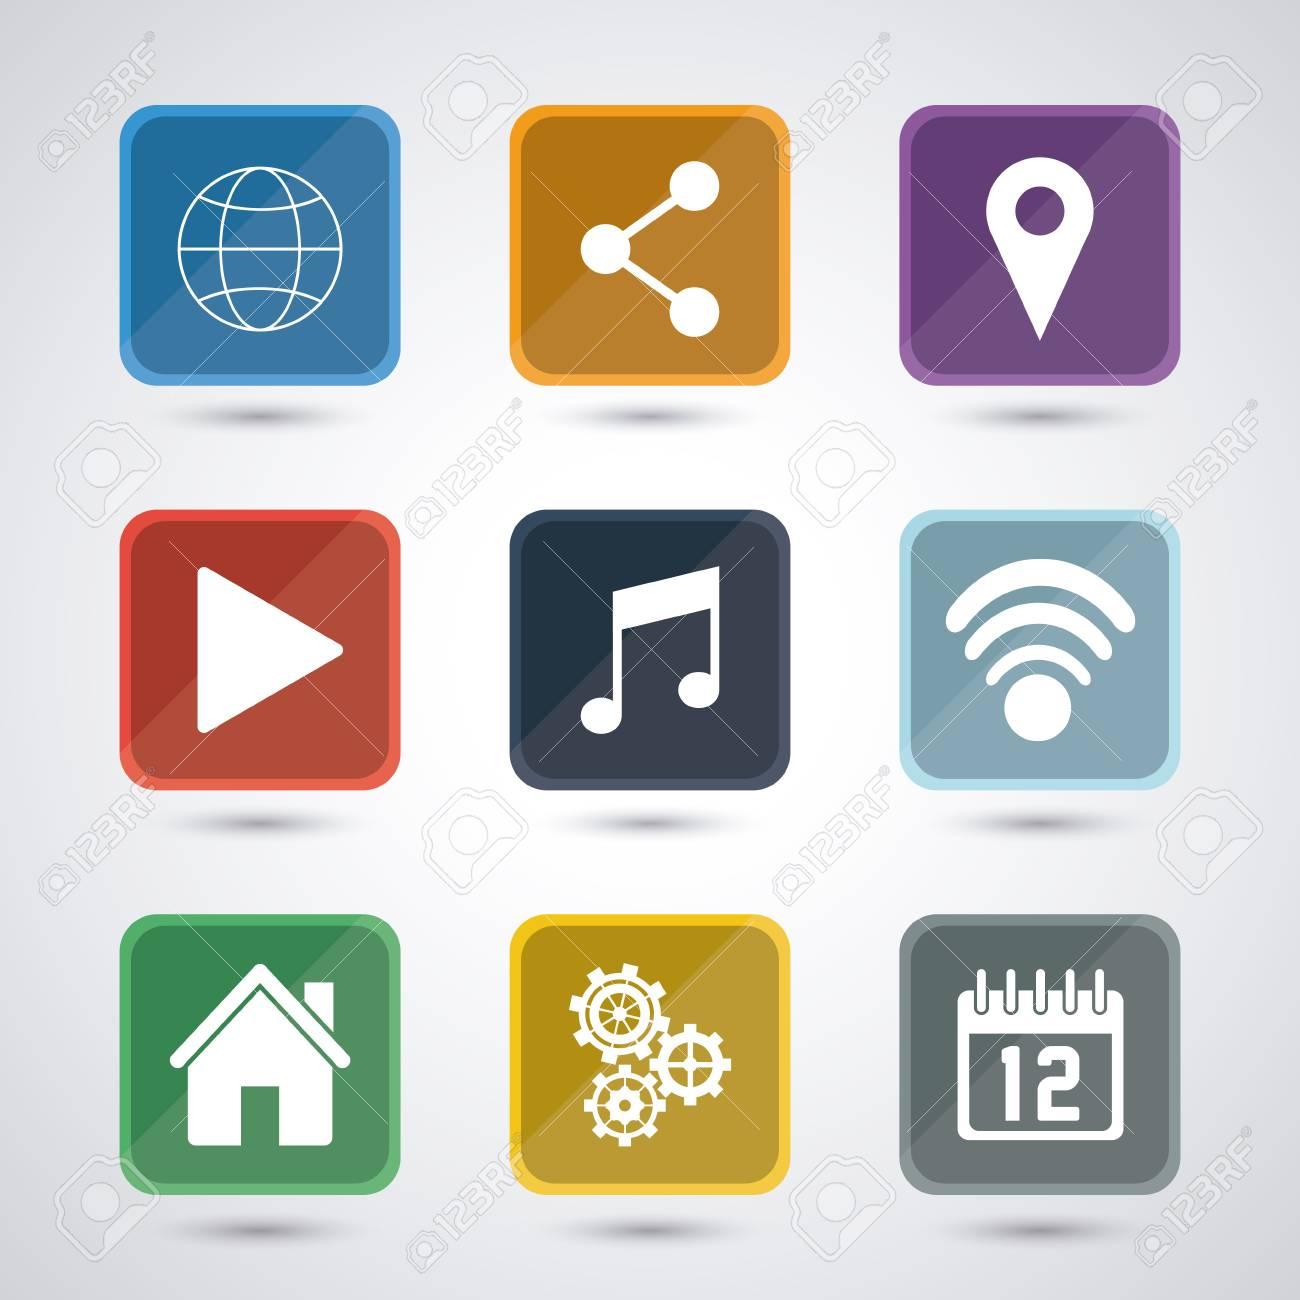 Aplicaciones Y Marcos Conjunto De Iconos. Internet Aplicación Y El ...